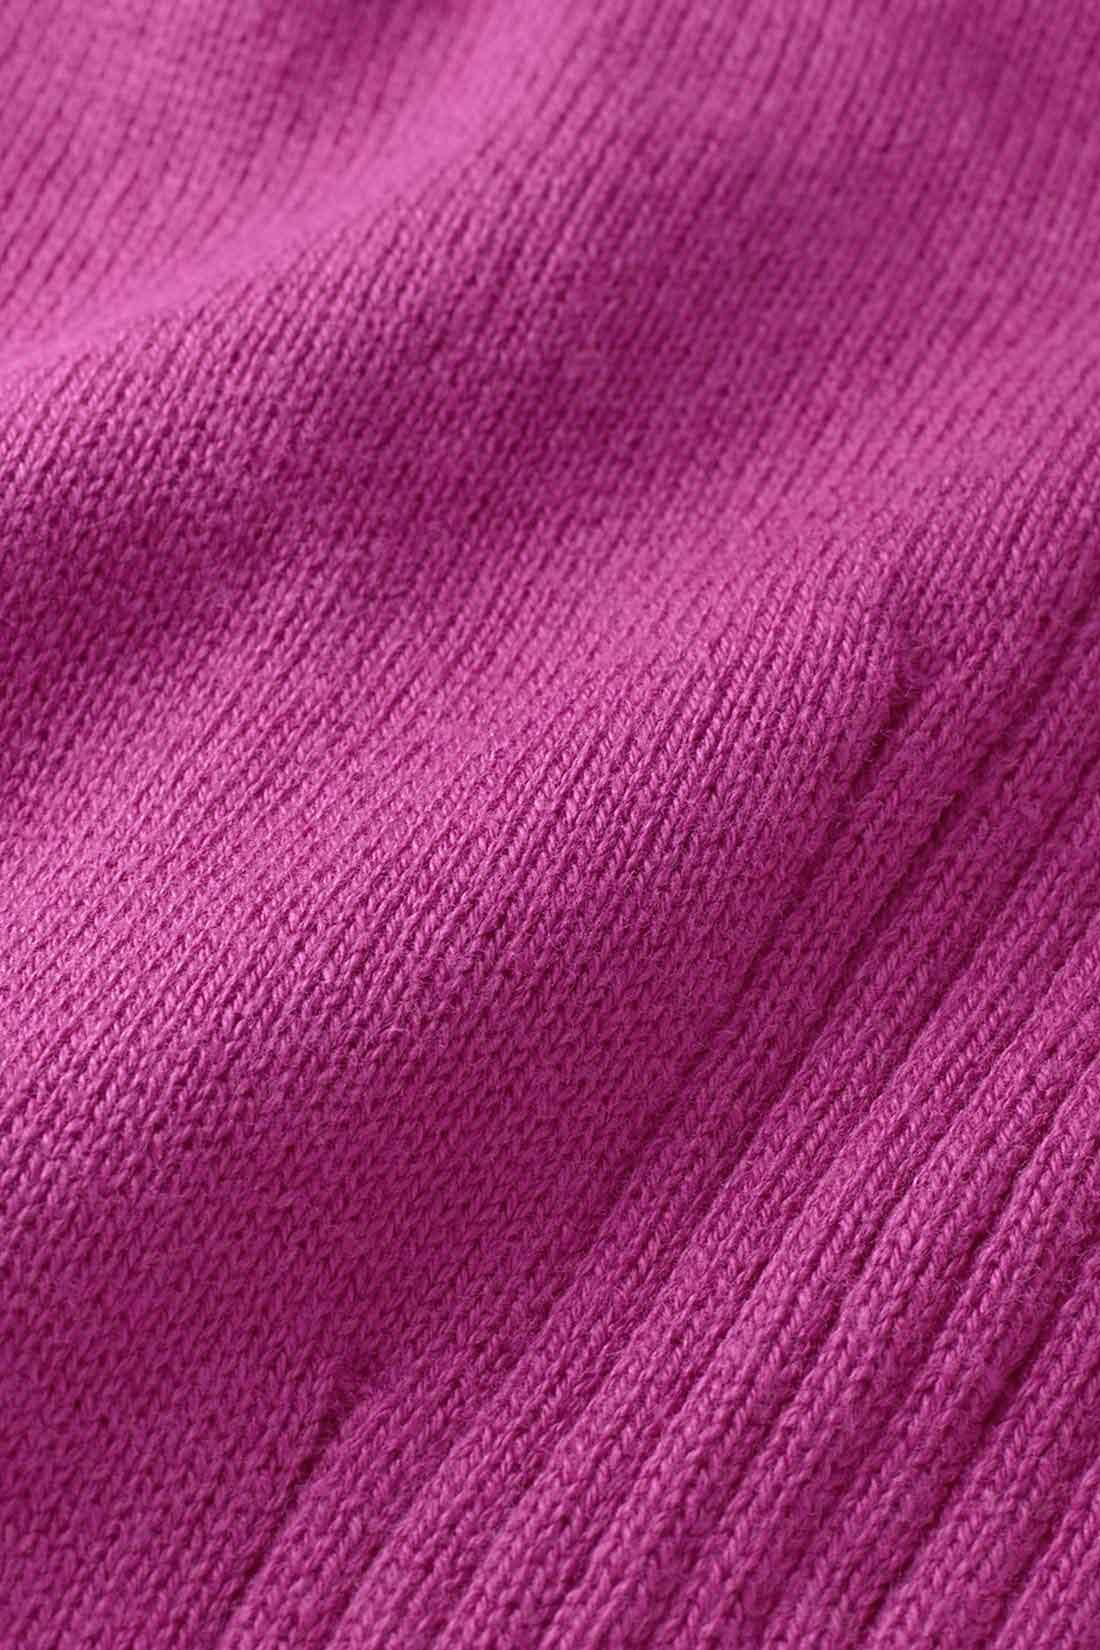 上質な着心地 コットン100% 適度な肉厚感があり、とてもやわらかなコットン100%のハイゲージニット。天然素材ならではの風合いのよさが魅力。